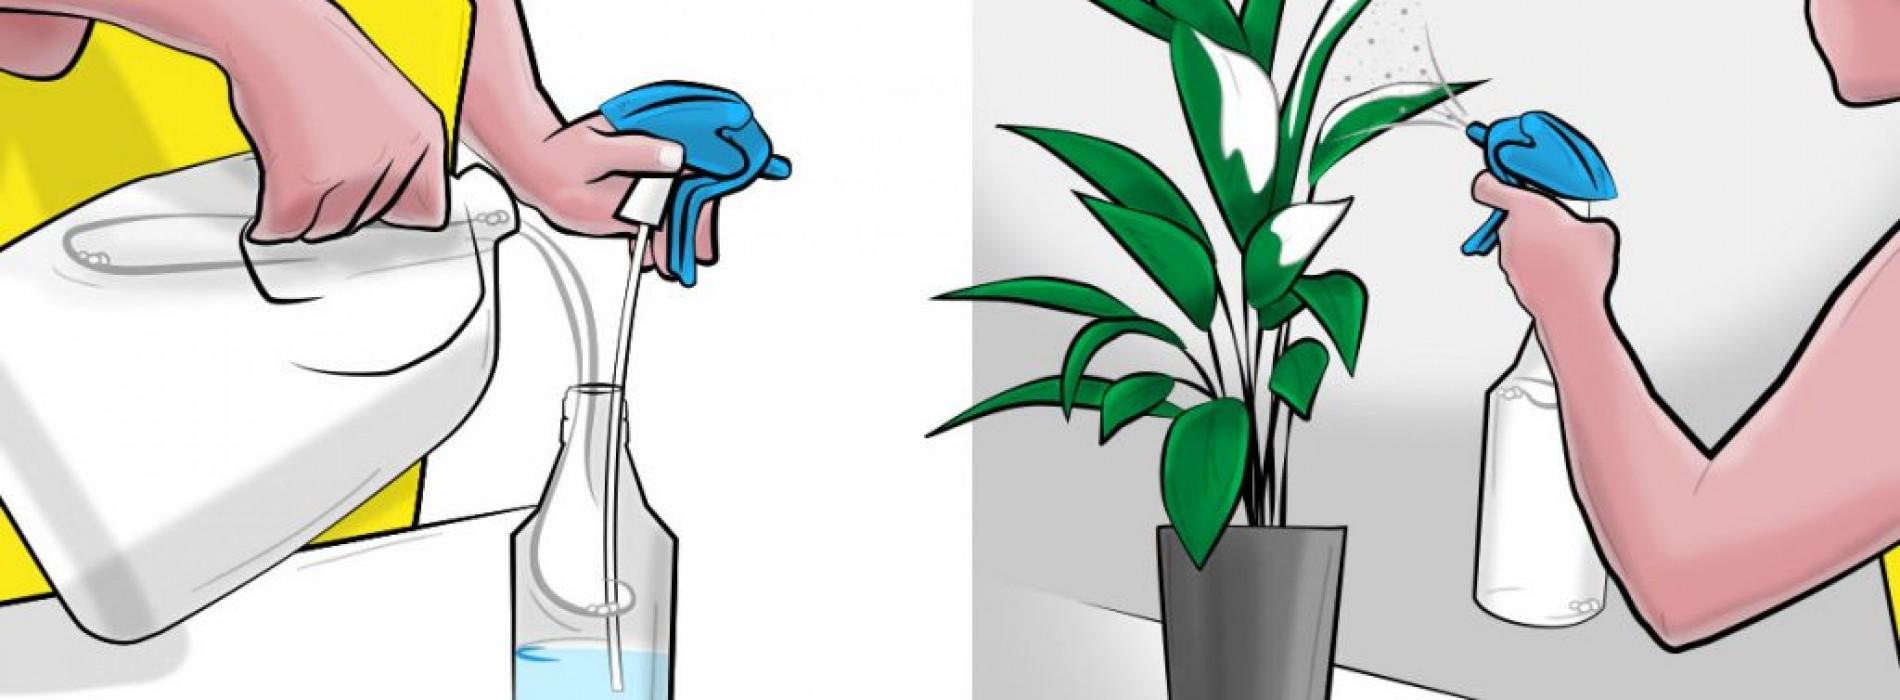 Hij spoot elke week melk op zijn planten. De reden? DIT geweldige effect!